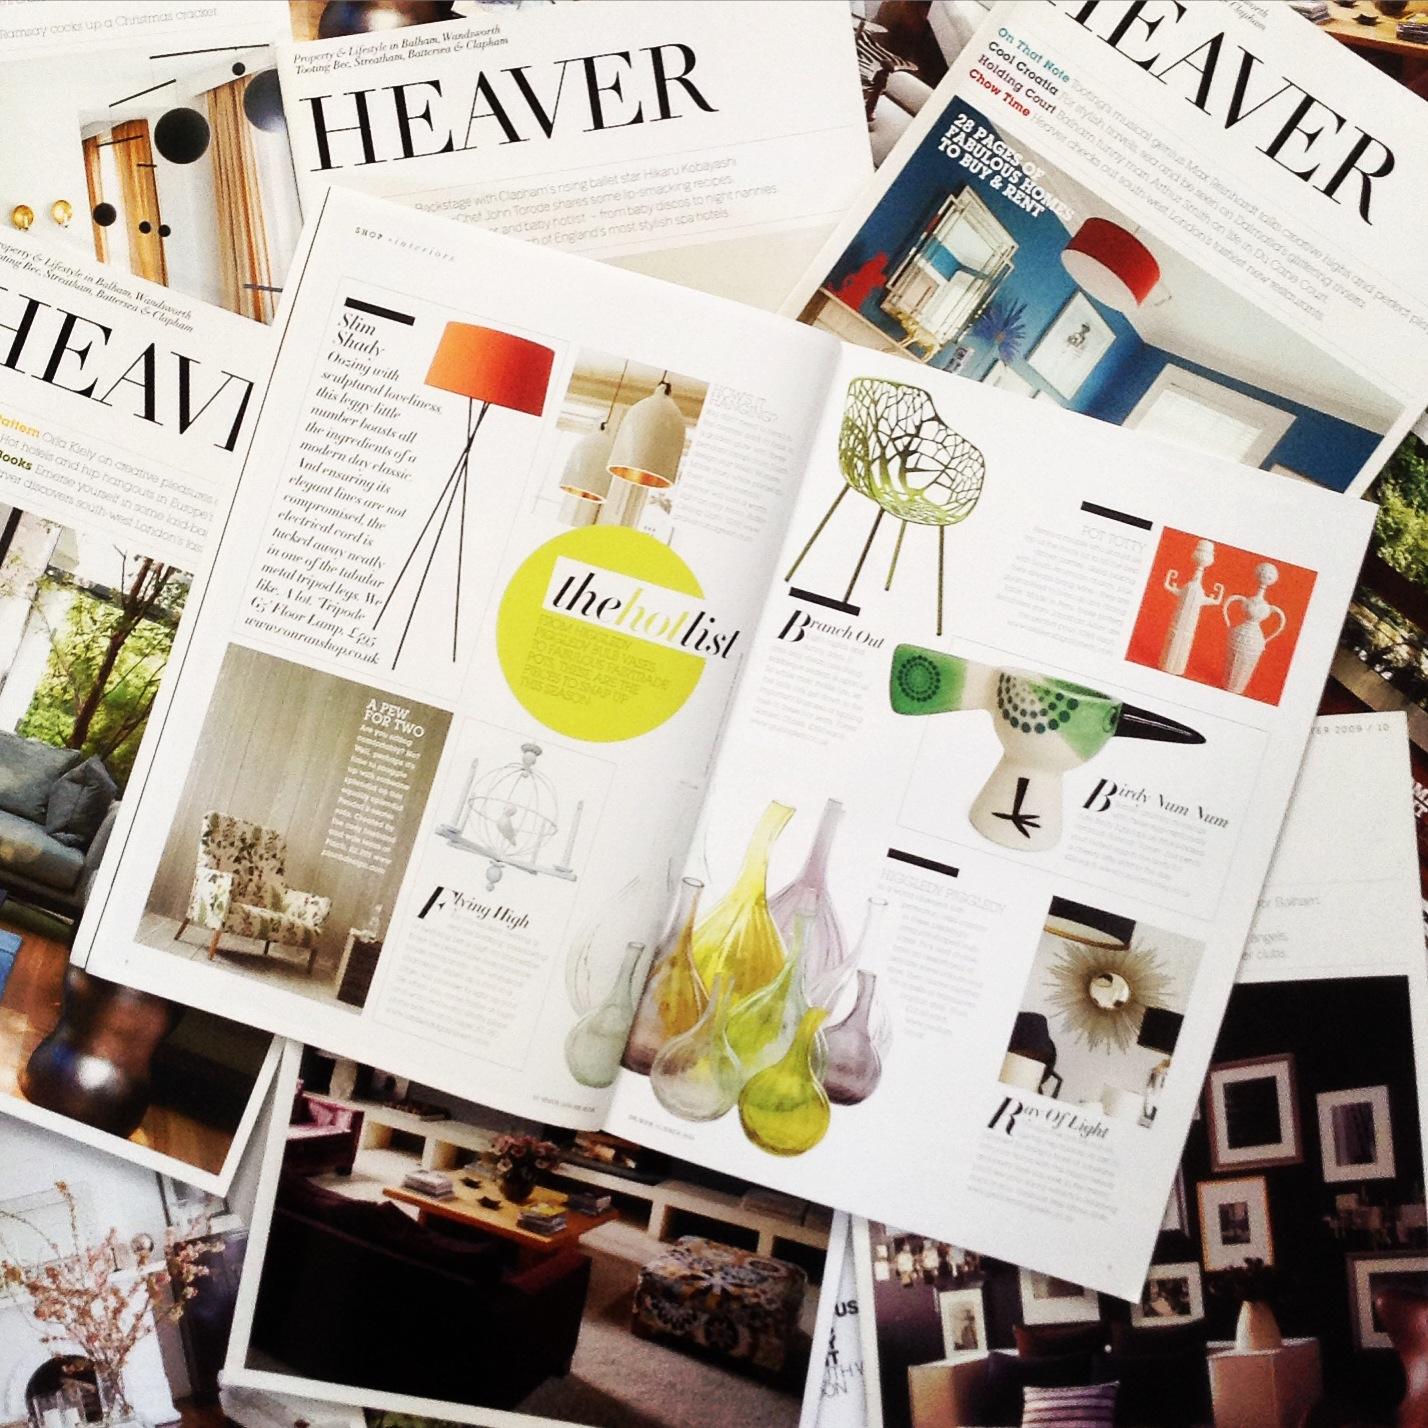 Heaver interiors hot list